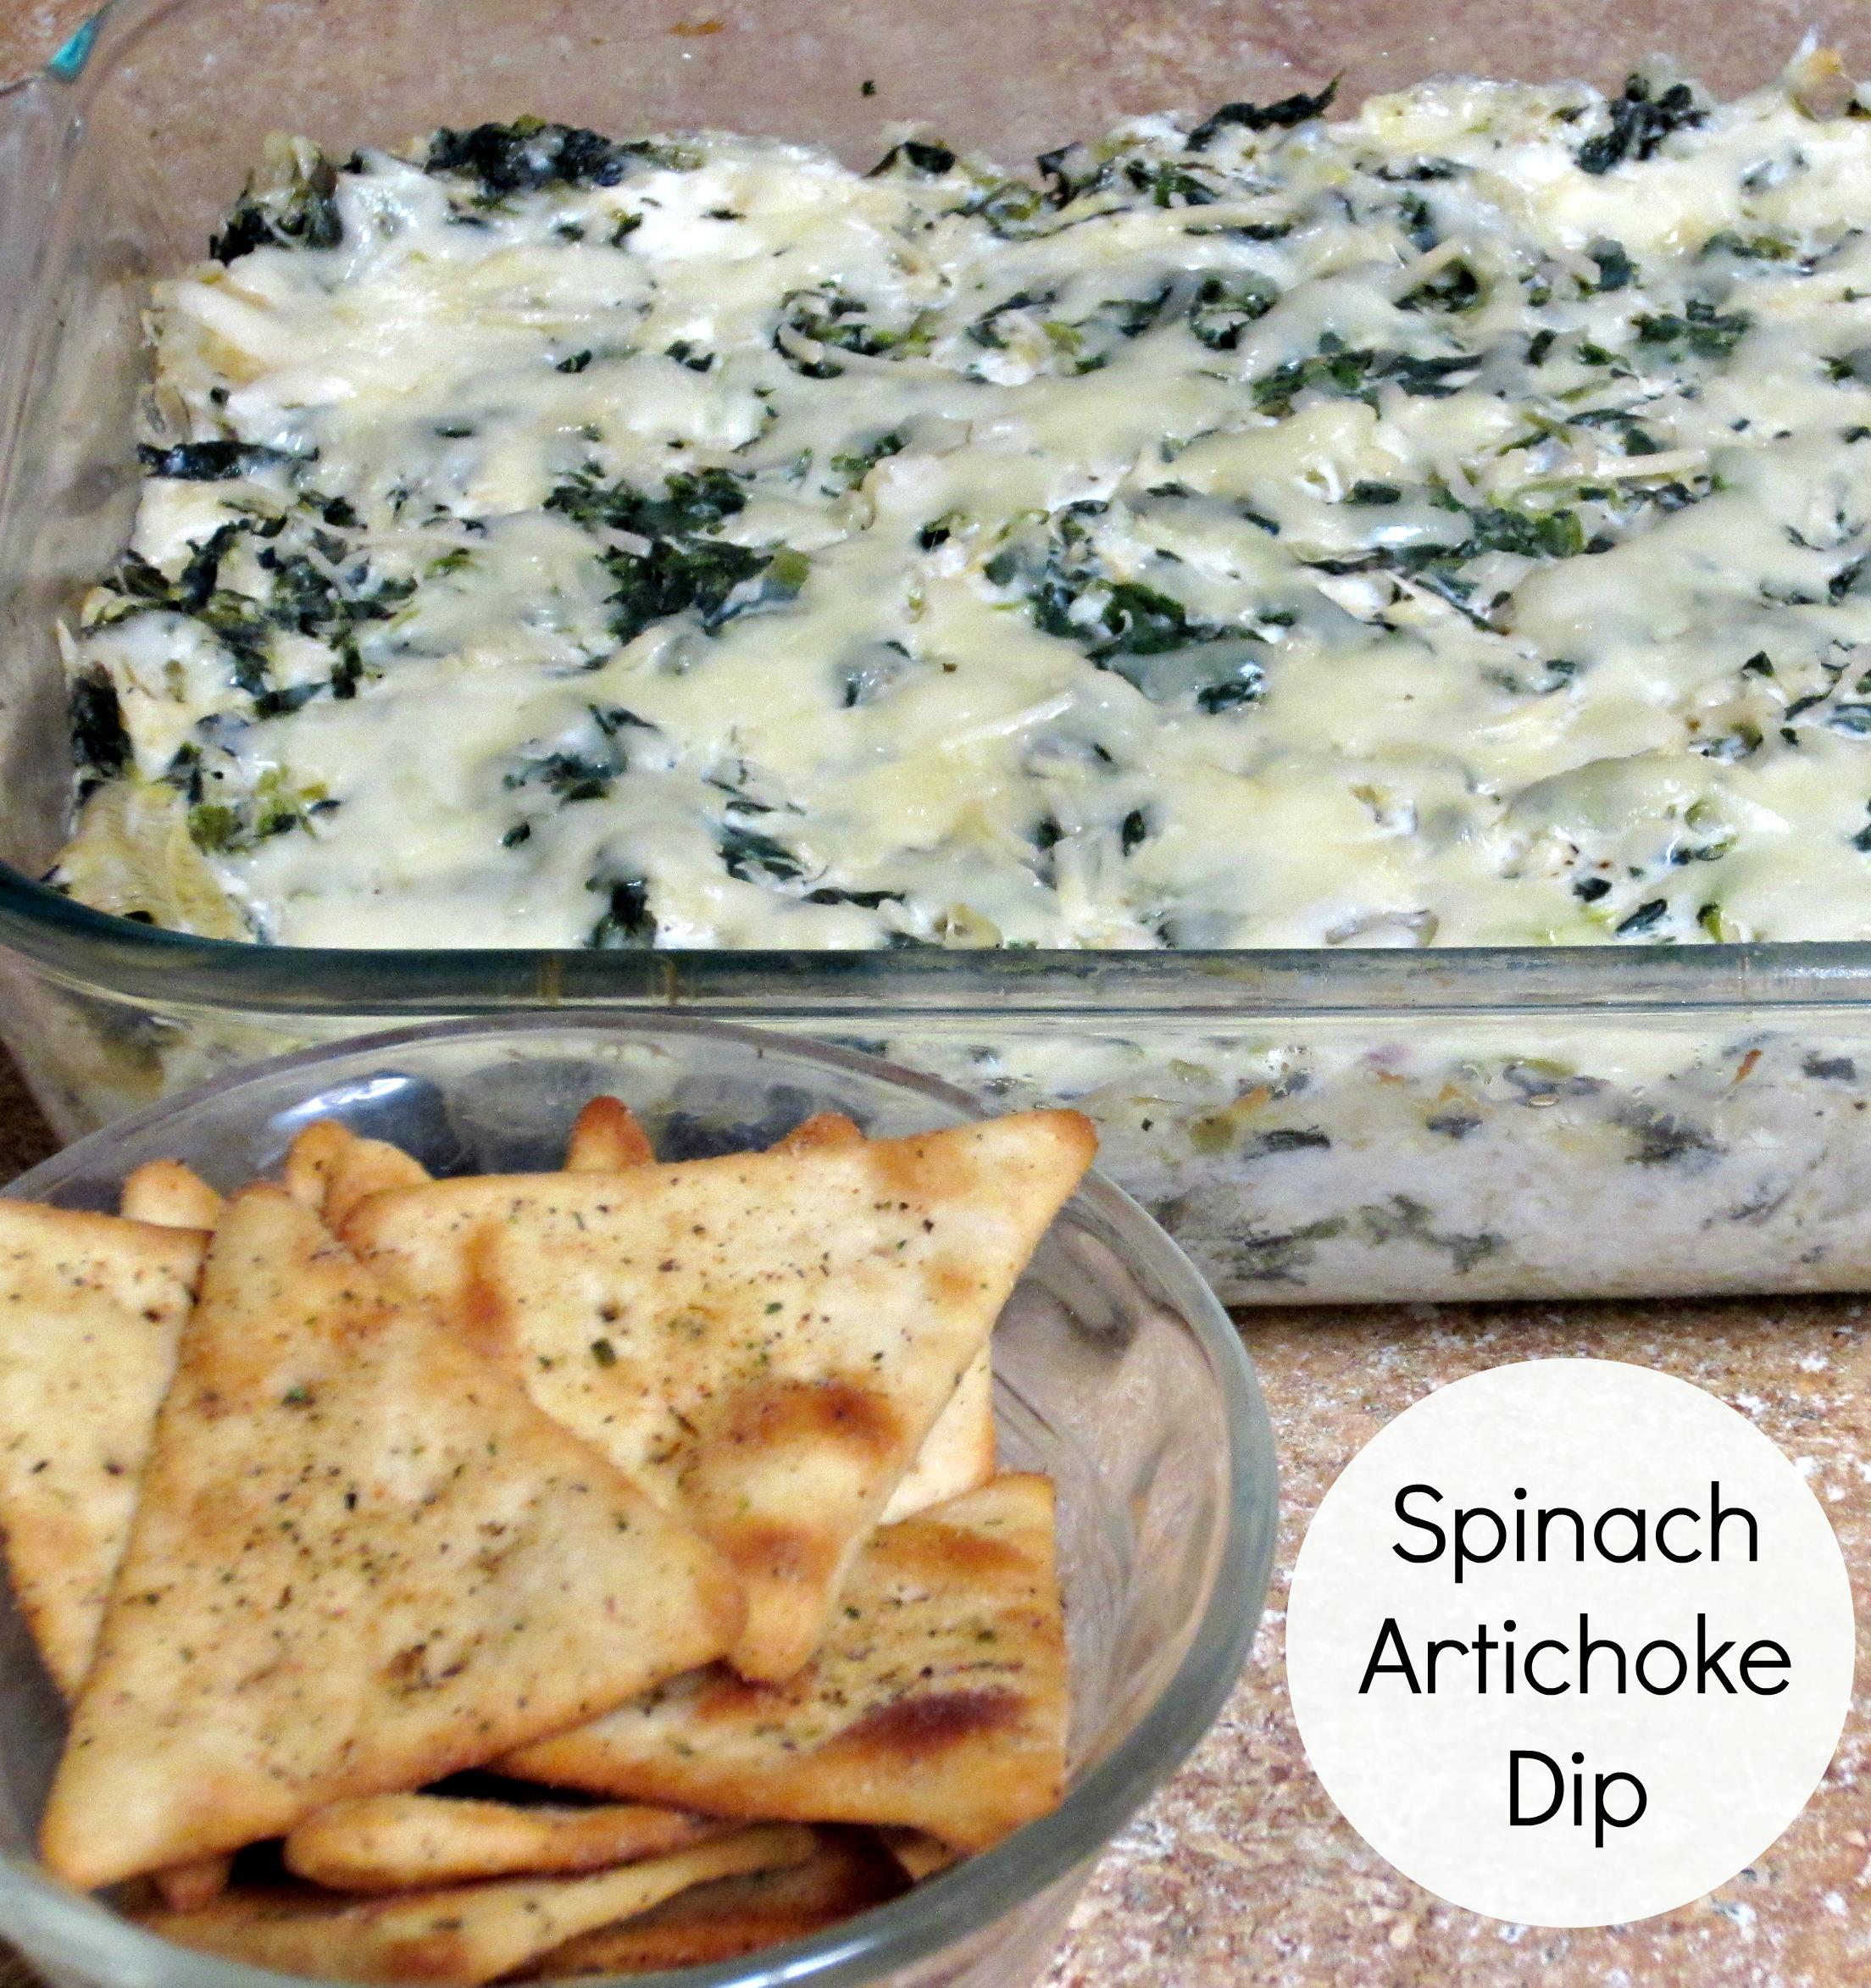 Lighter Artichoke Dip Spinach Artichoke Dip